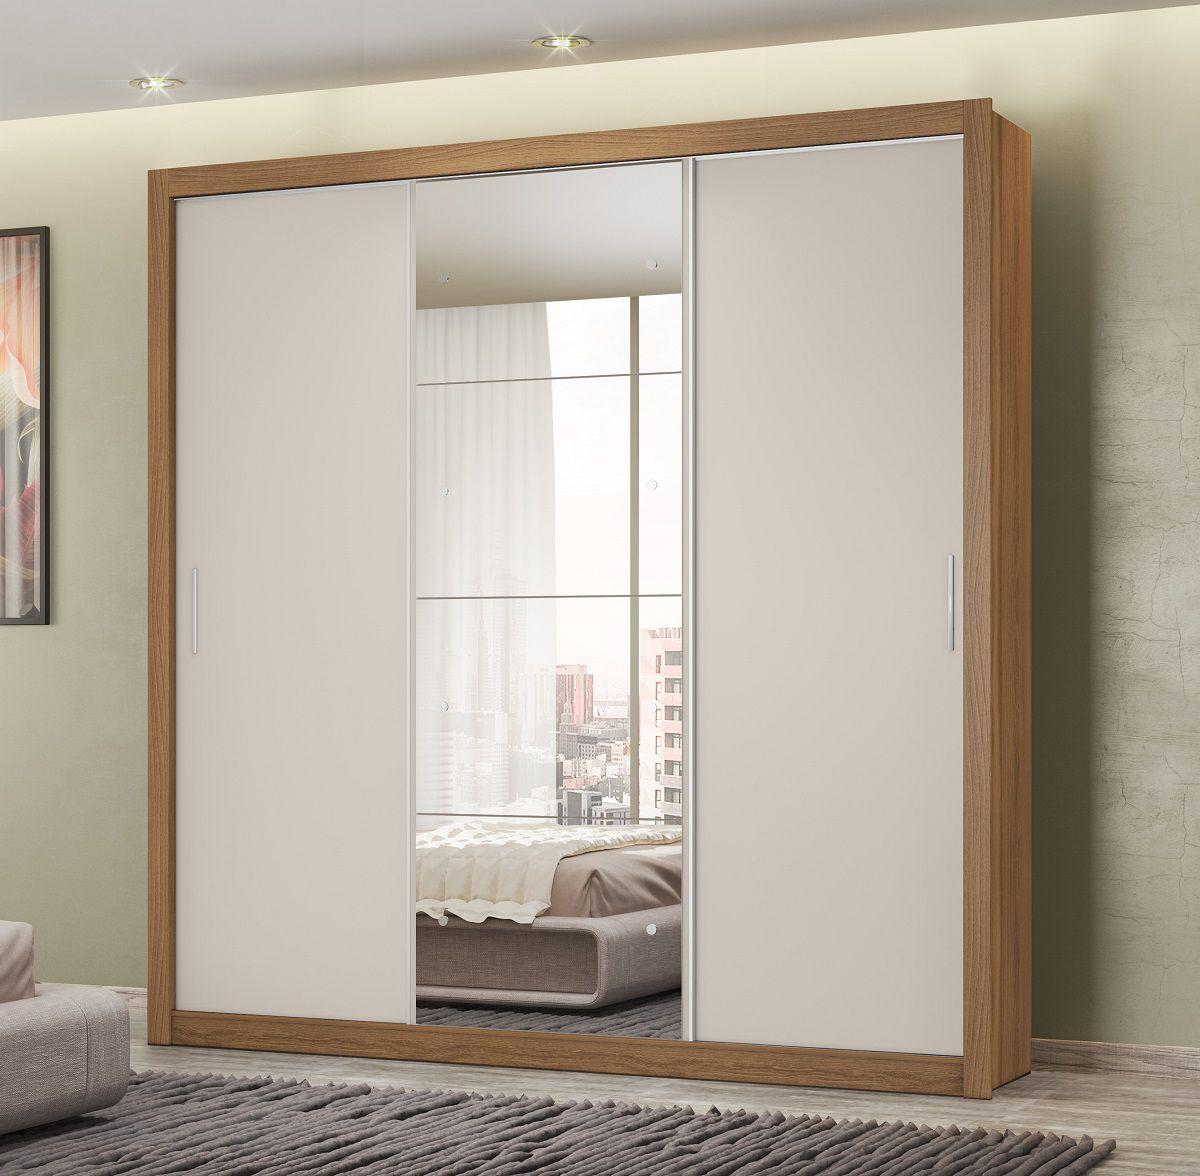 Guarda Roupa Casal com Espelho 3 Portas Residence II Demóbile Amendola Off White